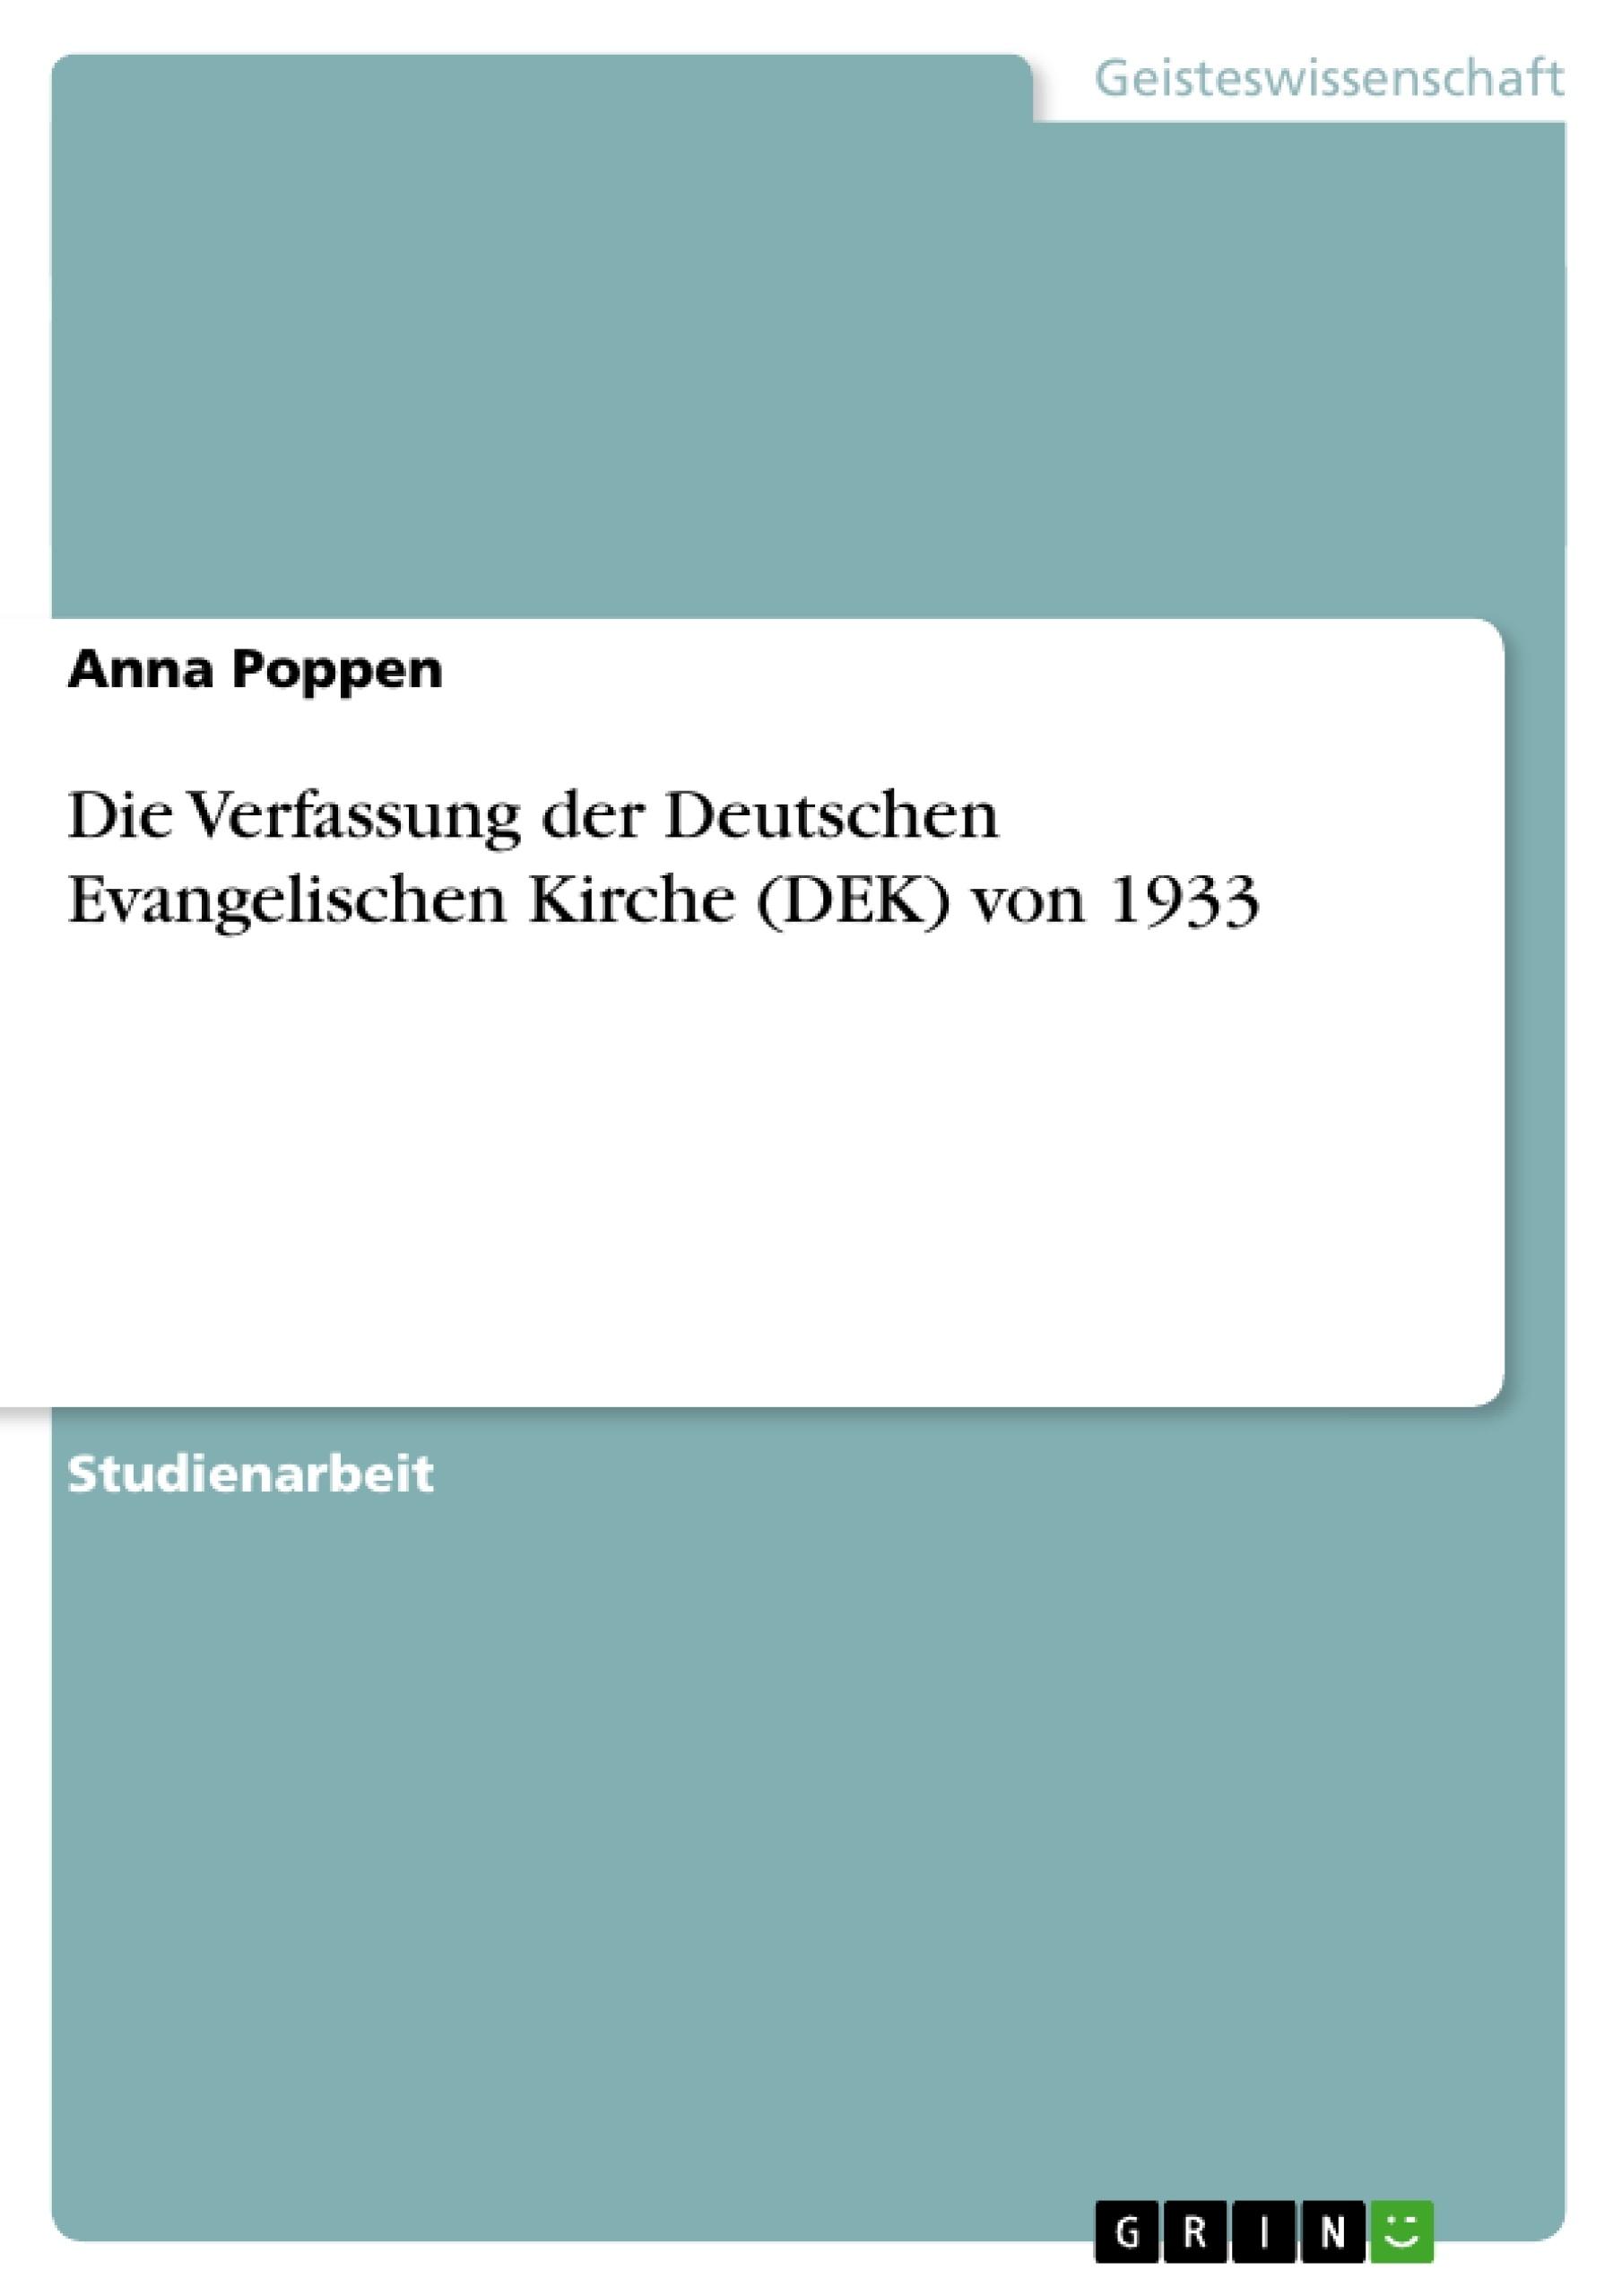 Titel: Die Verfassung der Deutschen Evangelischen Kirche (DEK) von 1933